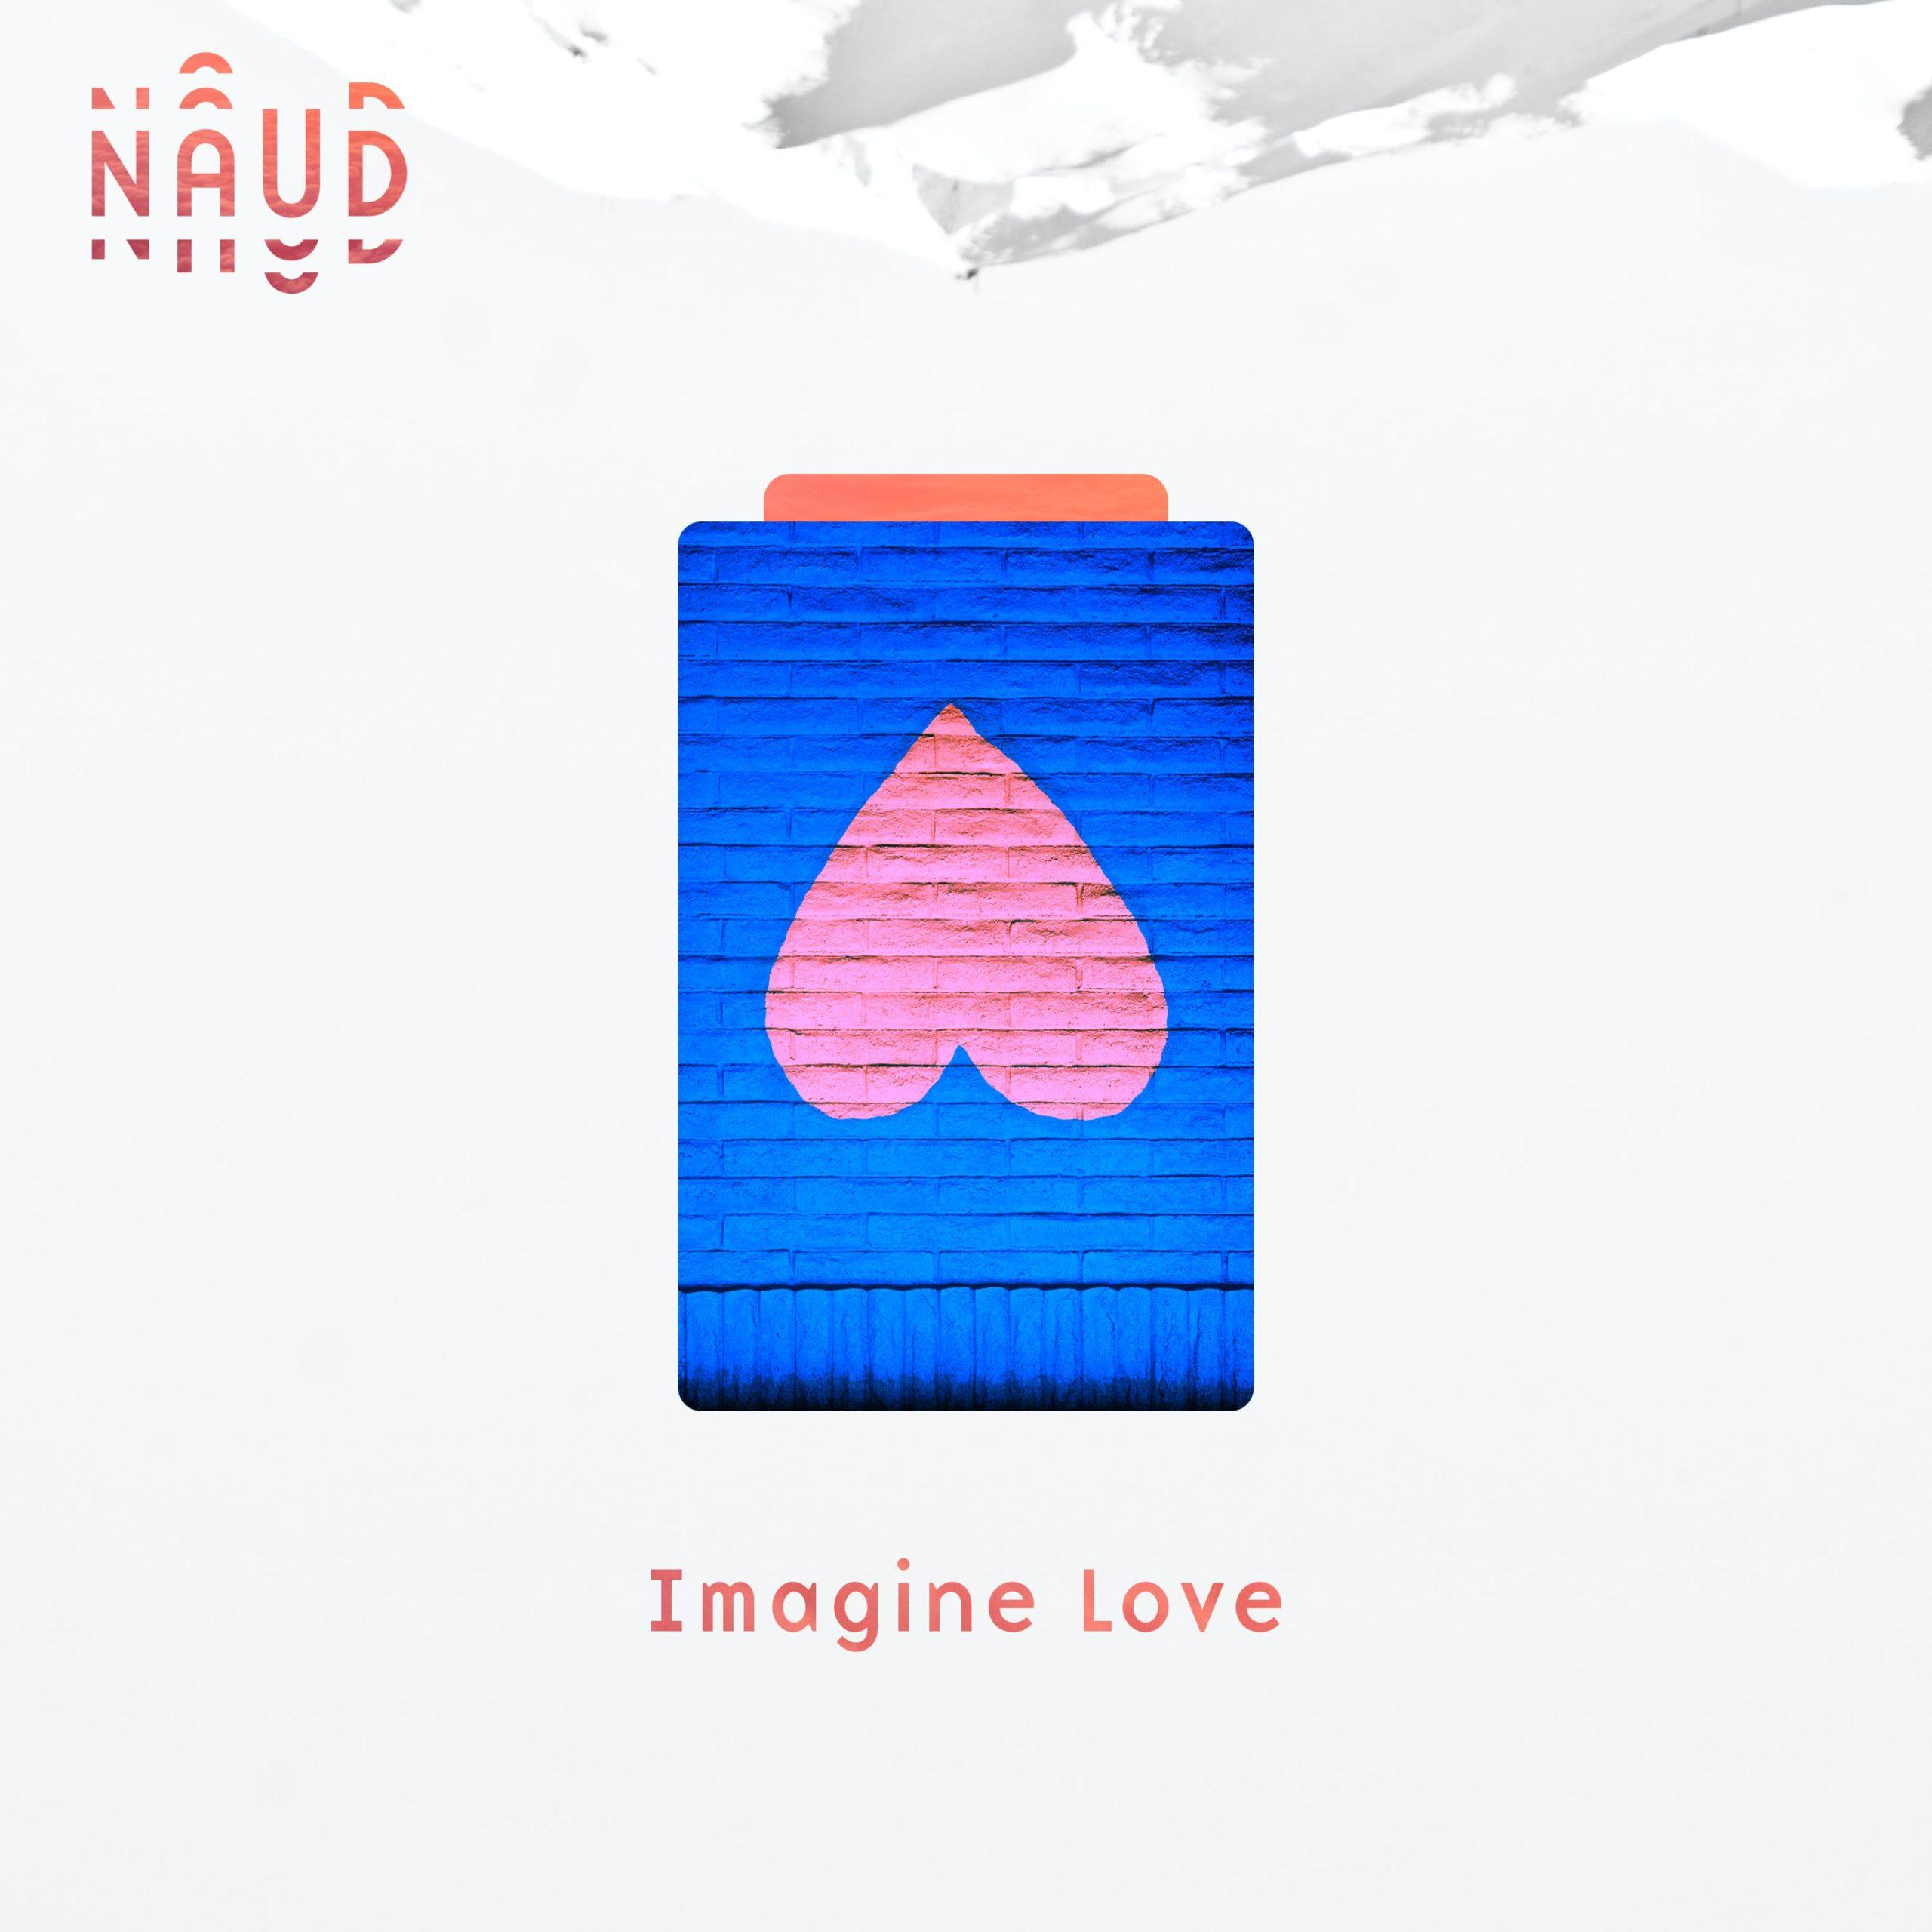 pochette imagine love